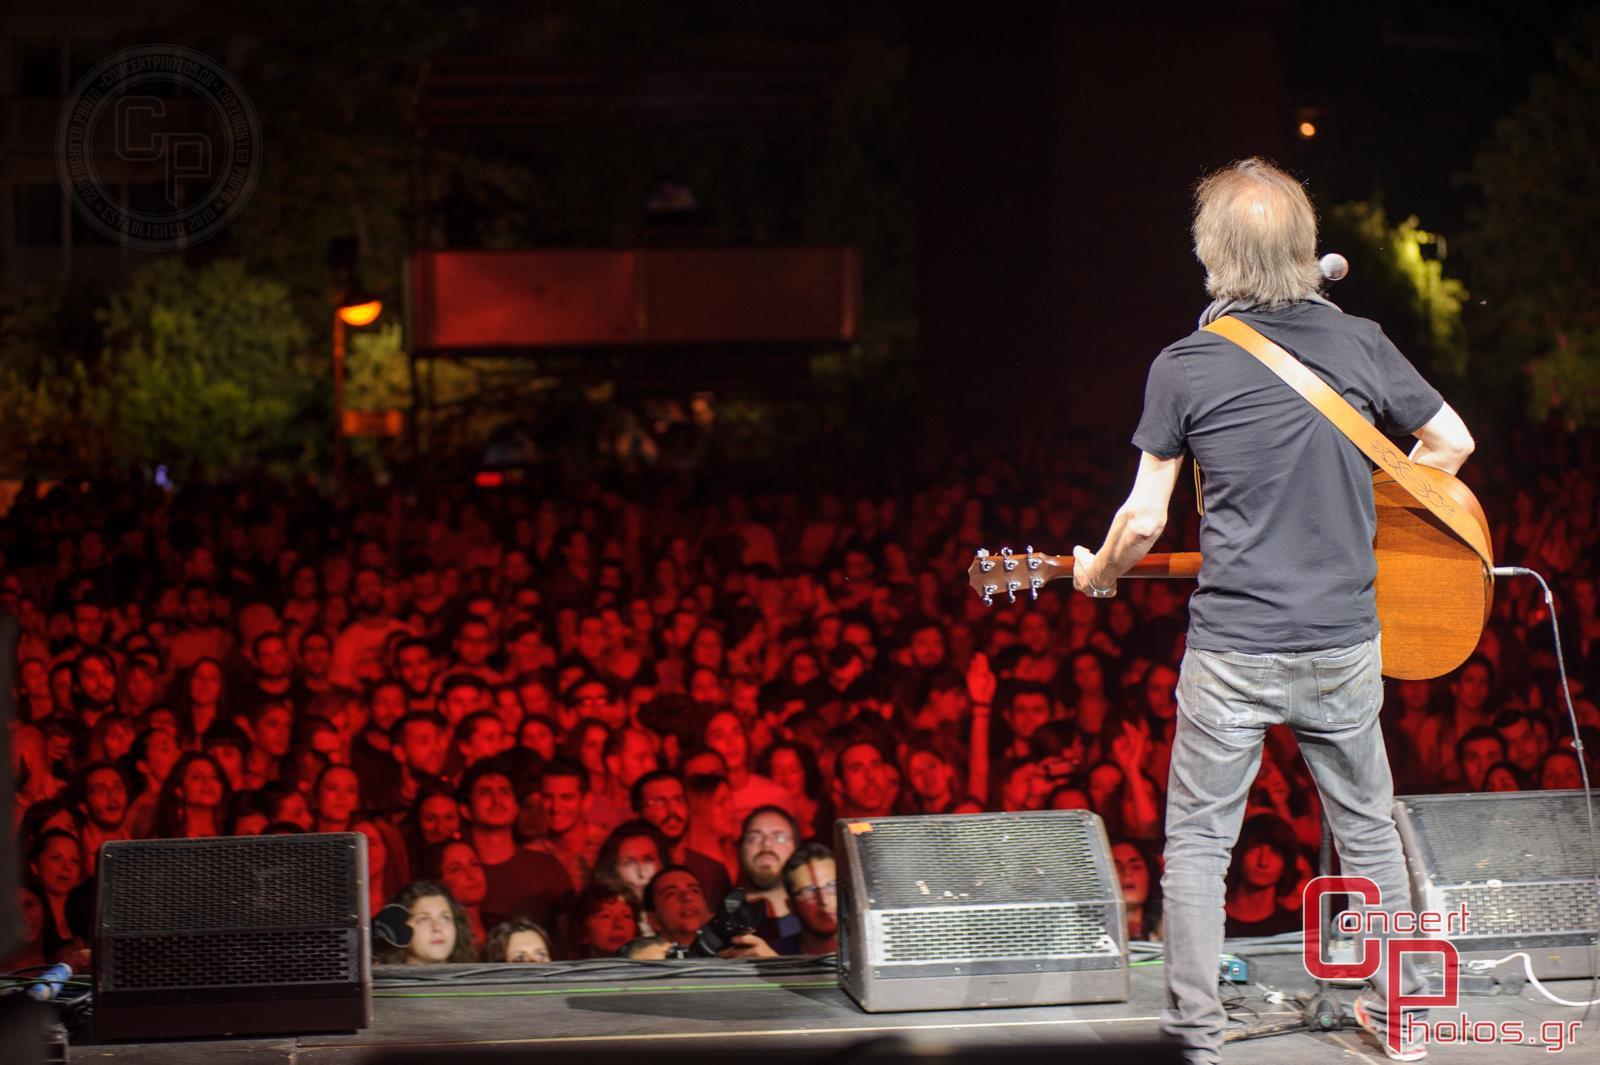 Μία συναυλία για τη Σχεδία 2014-Sxedia 2014 photographer:  - concertphotos_20140526_21_31_43